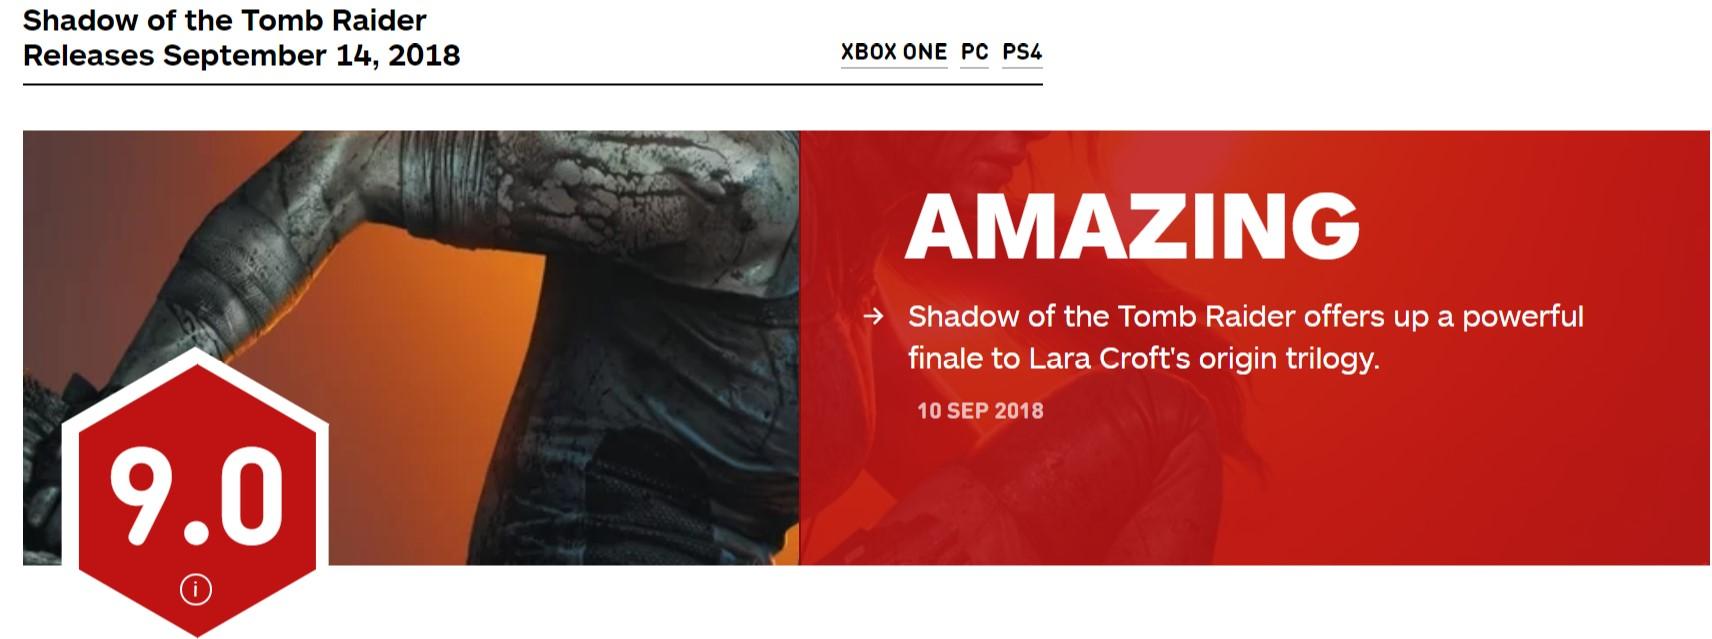 《古墓丽影:暗影》IGN 9分 起源三部曲的有力终结